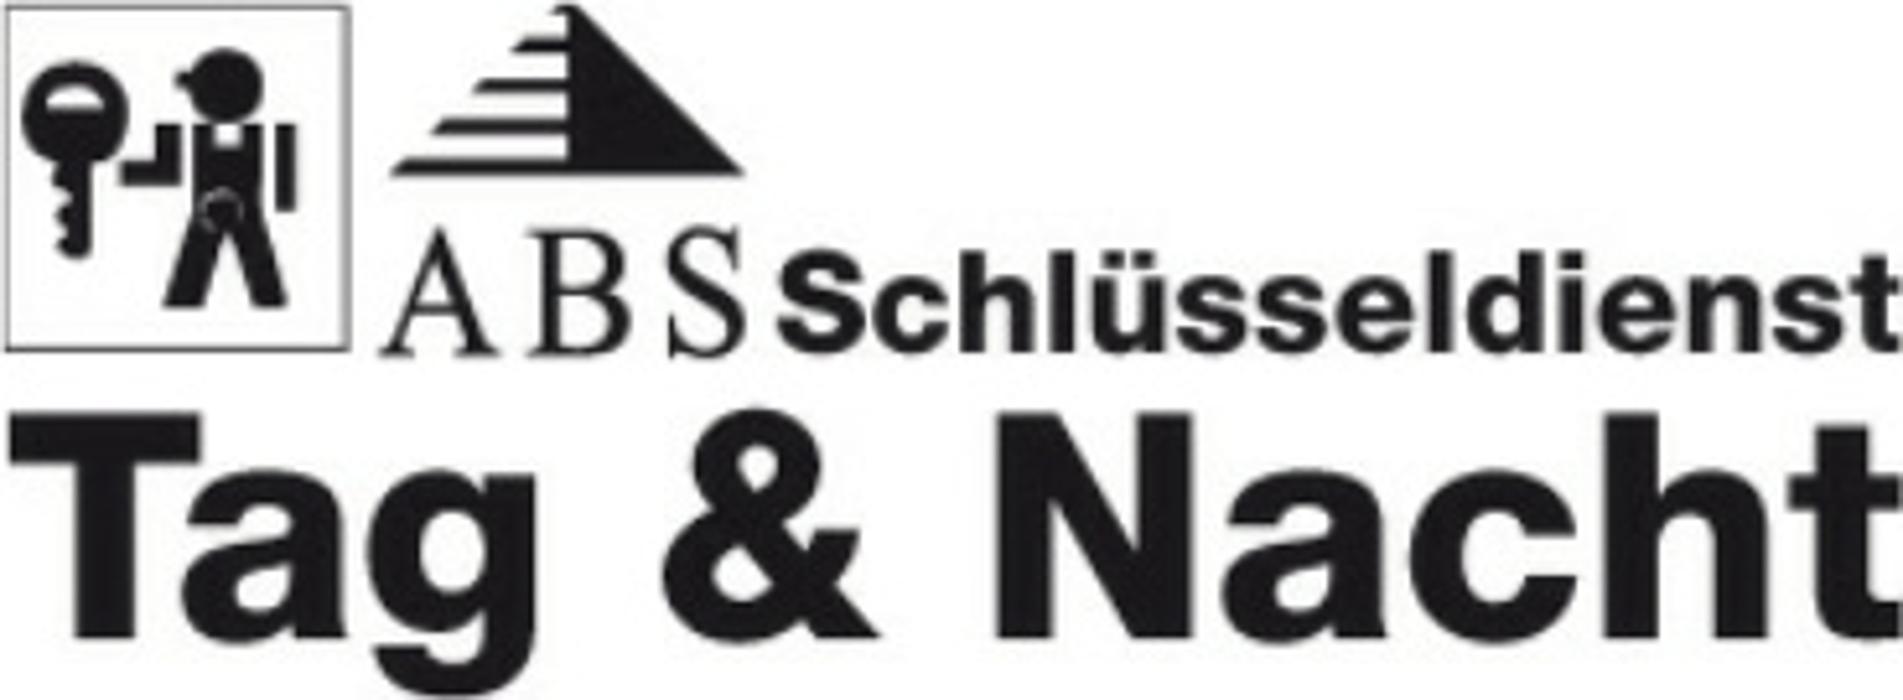 ABS Schlüsselnotdienst